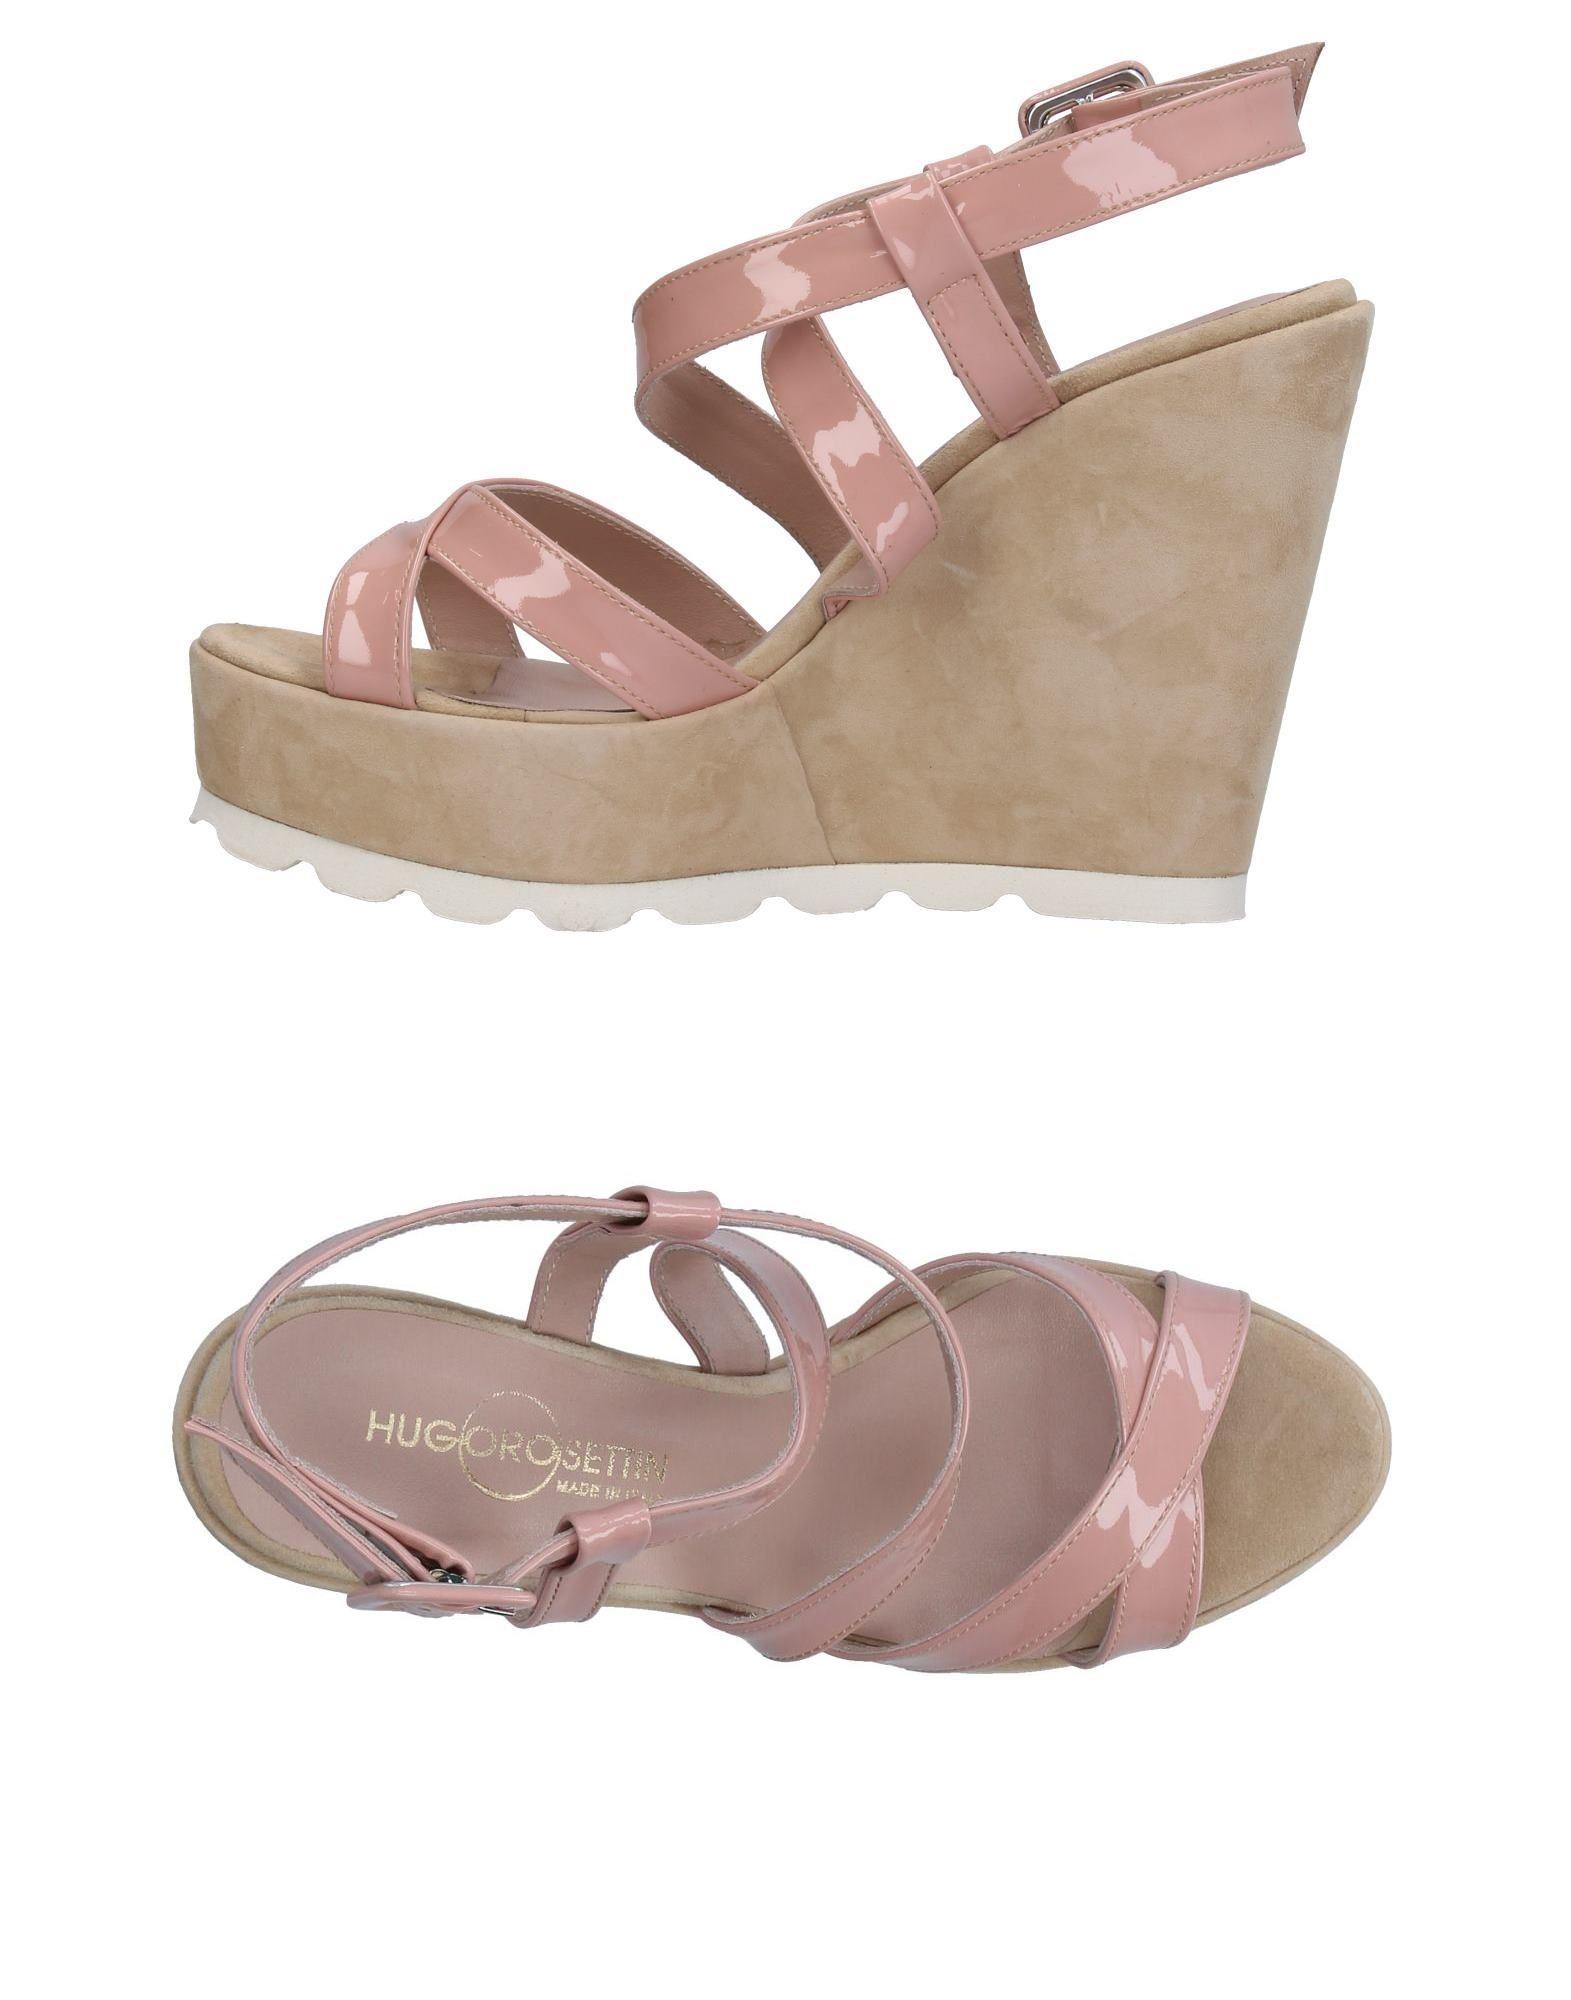 Hugo Rosettin Sandals Sandals - Women Hugo Rosettin Sandals Sandals online on  United Kingdom - 11362326GJ 85878c